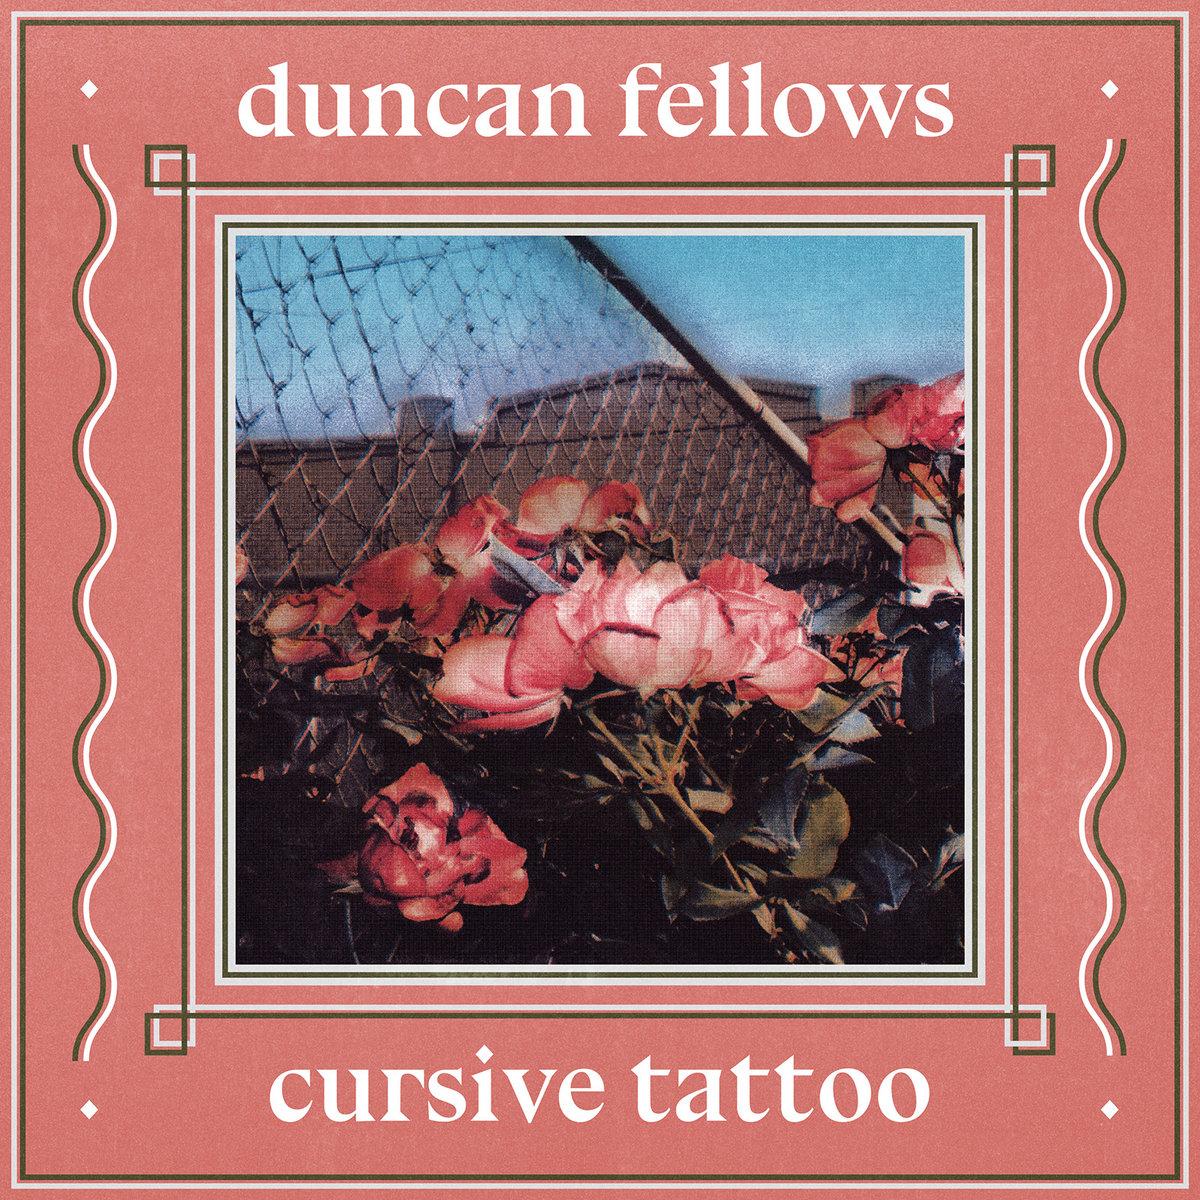 cursive tattoo.jpg